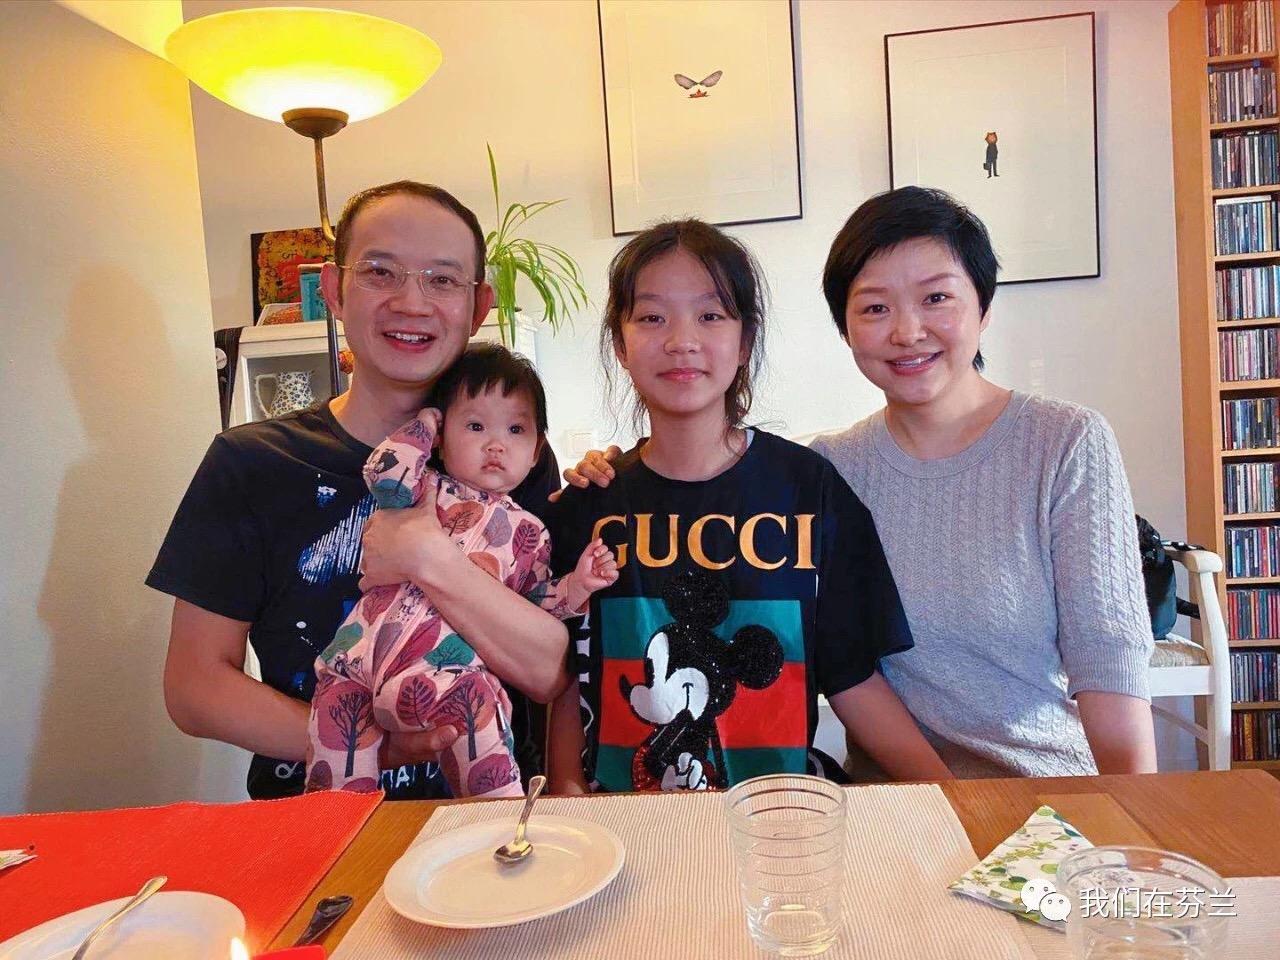 【多图分享】全家登陆芬兰整2个月!+大闺女13周岁生日快乐!:)